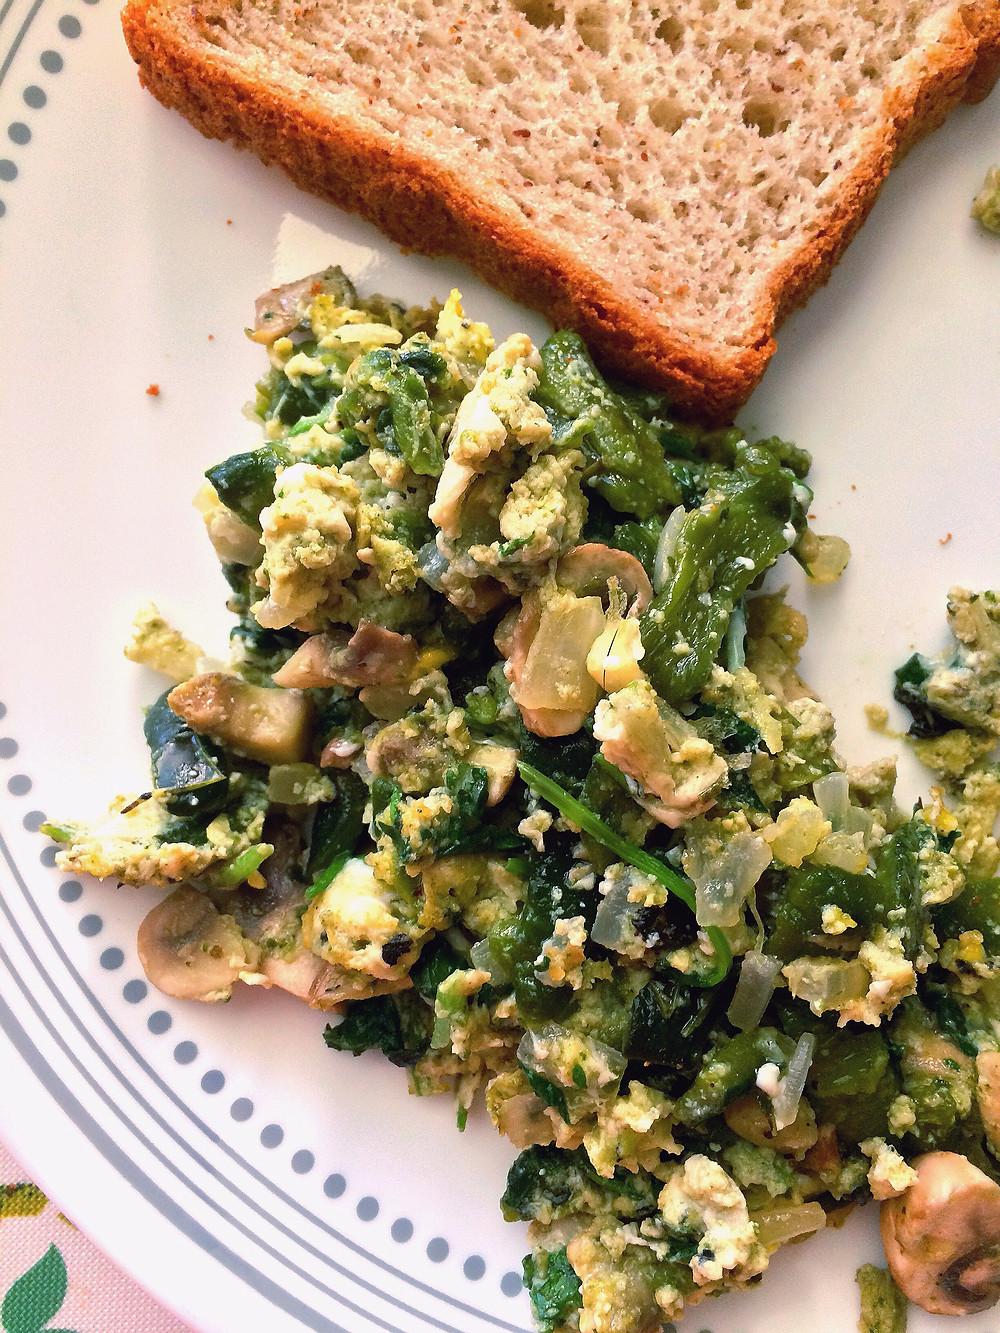 Huevo con rajas, cilantro y champiñones